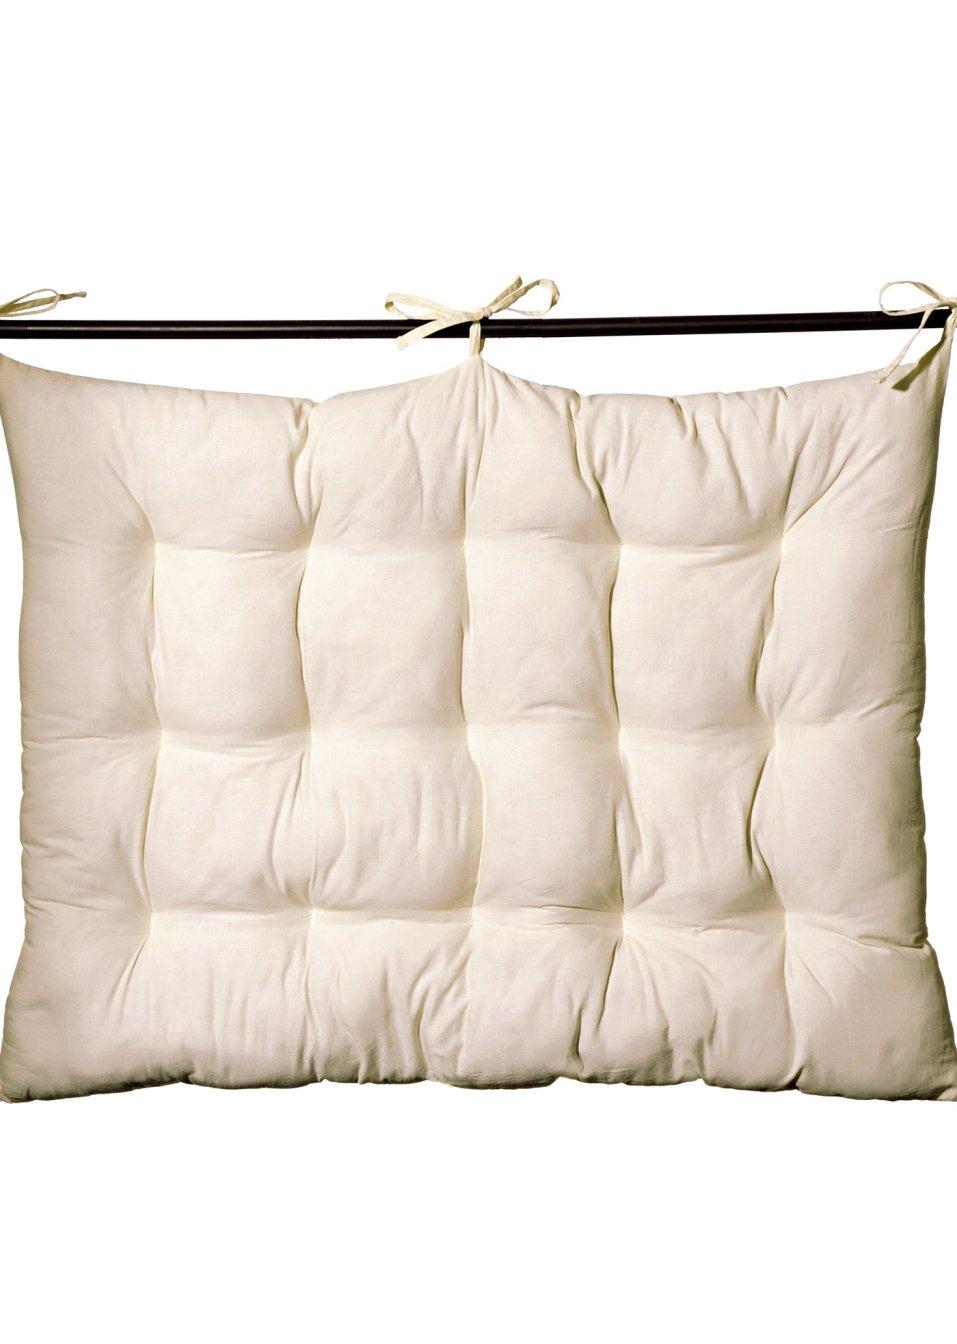 Testata letto cuscini idee per la casa - Cuscini per testiere letto ...